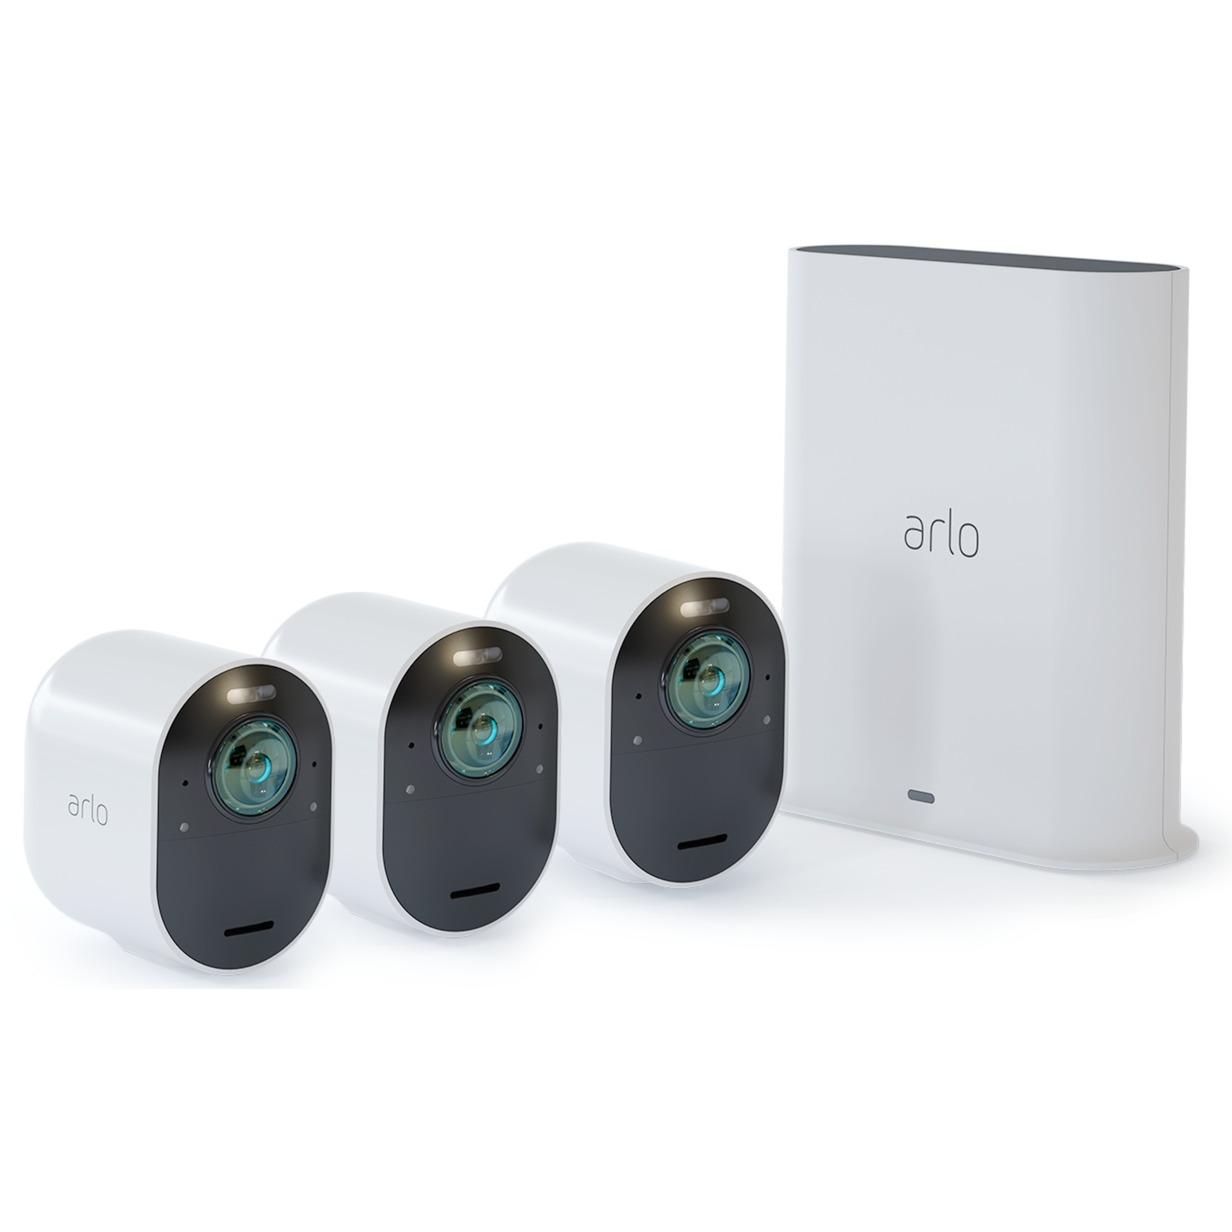 VMS5340 Cámara de seguridad IP Interior y exterior Pared 3840 x 2160 Pixeles, Cámara de vigilancia